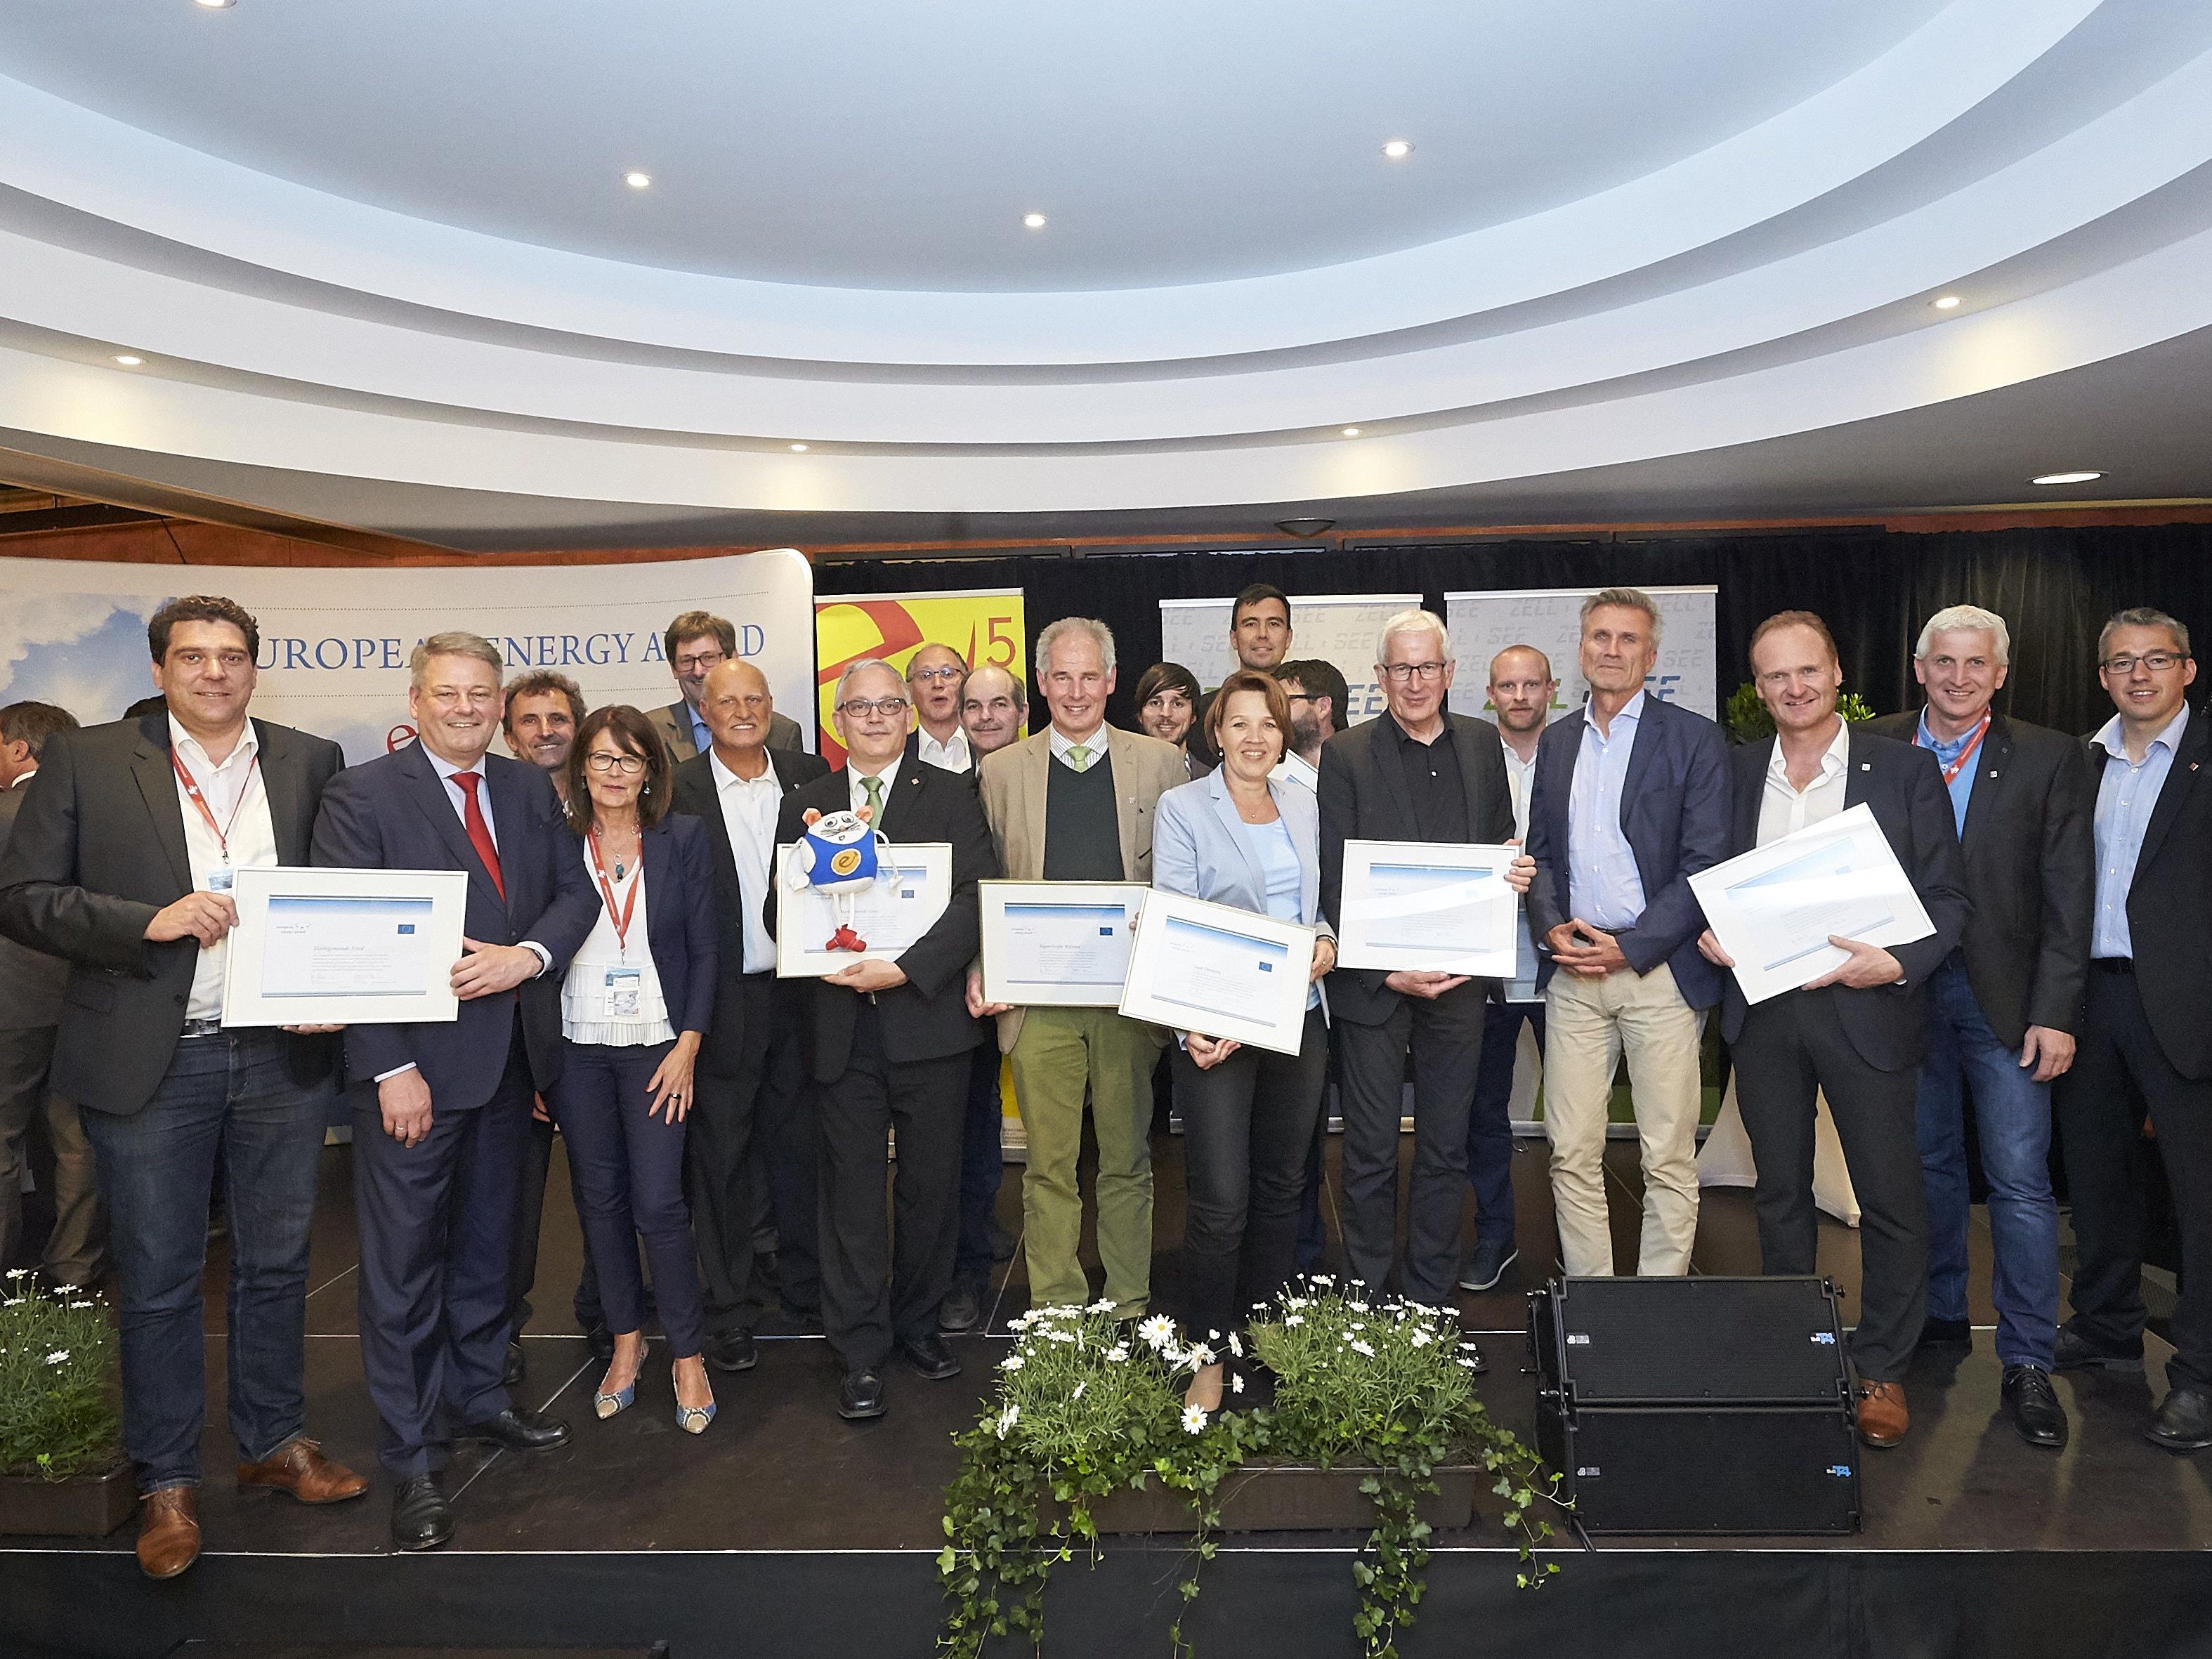 Die Vertreter der ausgezeichneten Vorarlberger Gemeinden mit Minister Andrä Rupprechter.